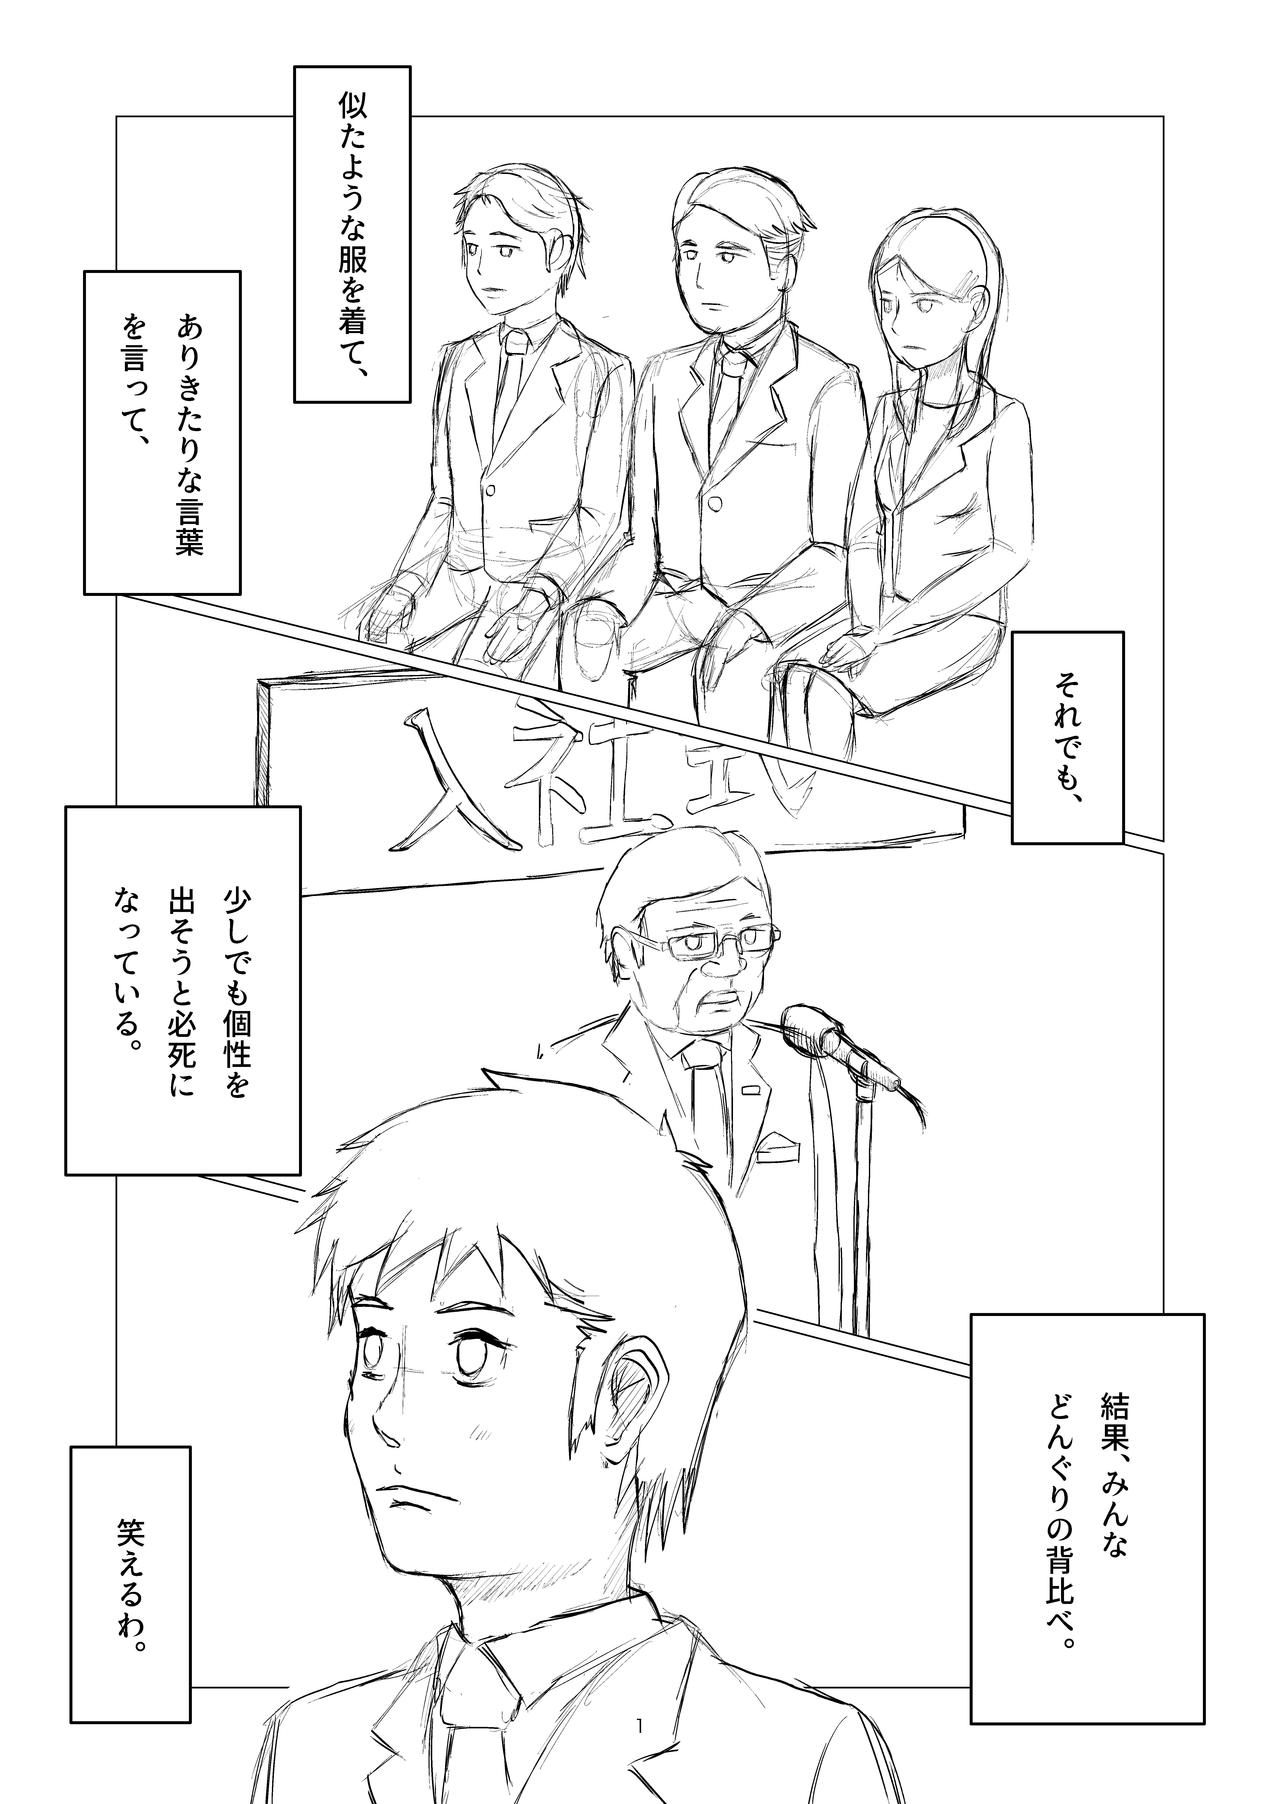 コピーアンド_001